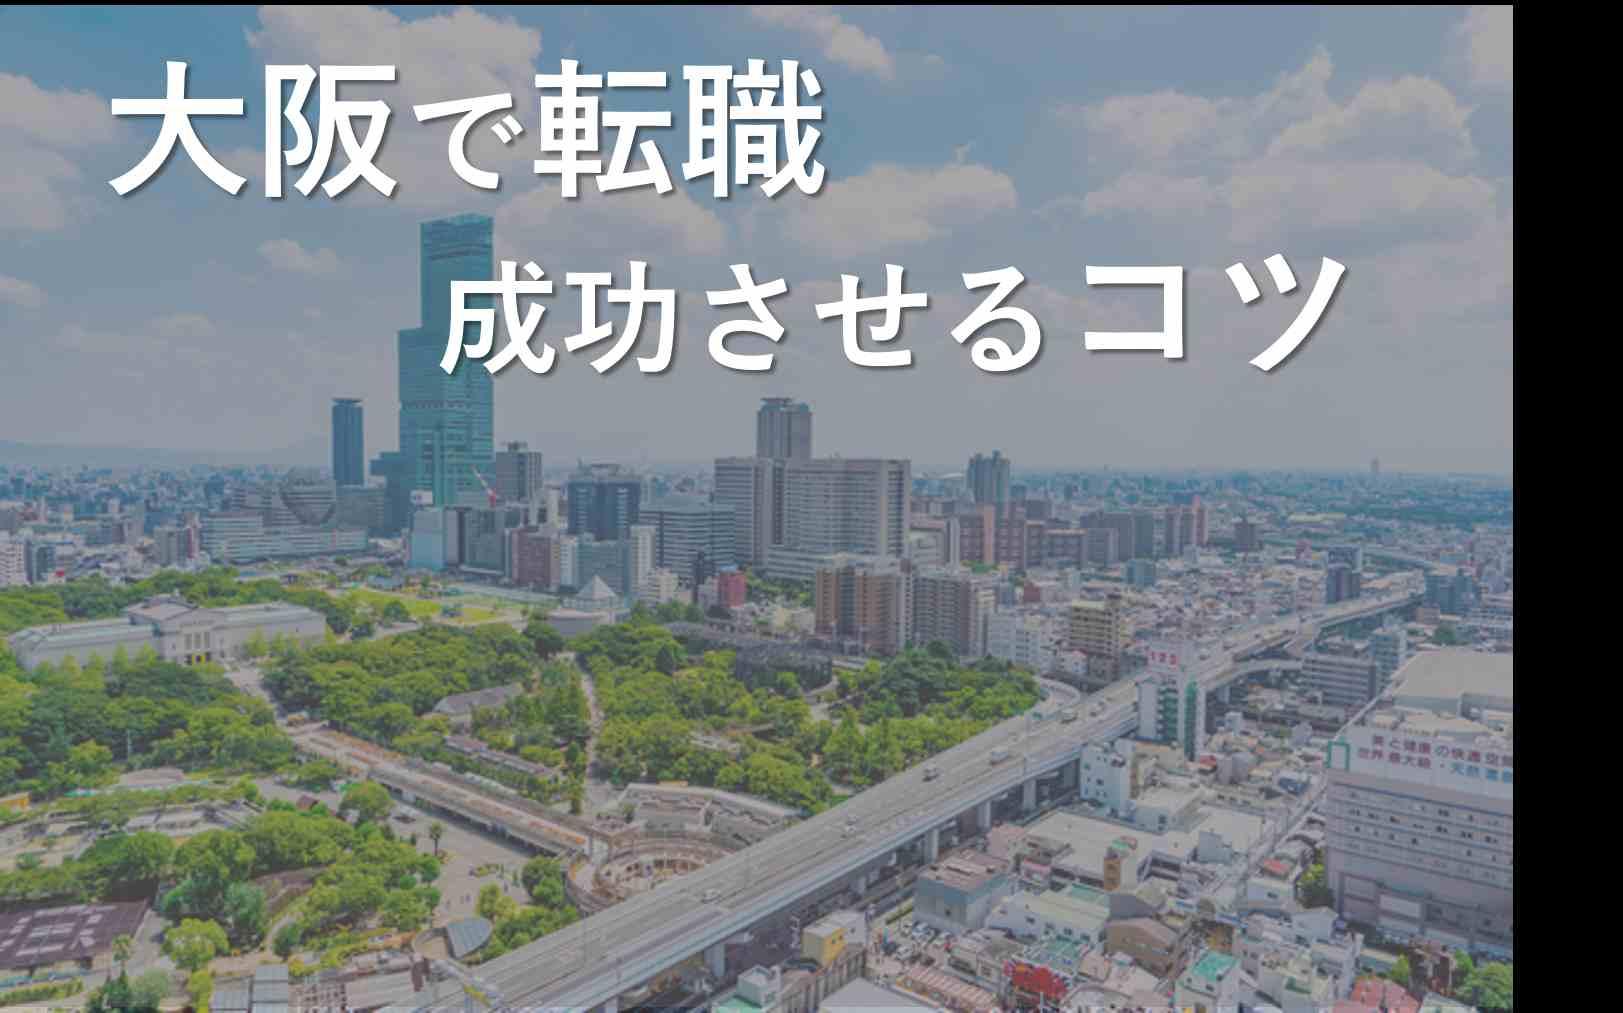 大阪への転職や移住に役立つアドバイス